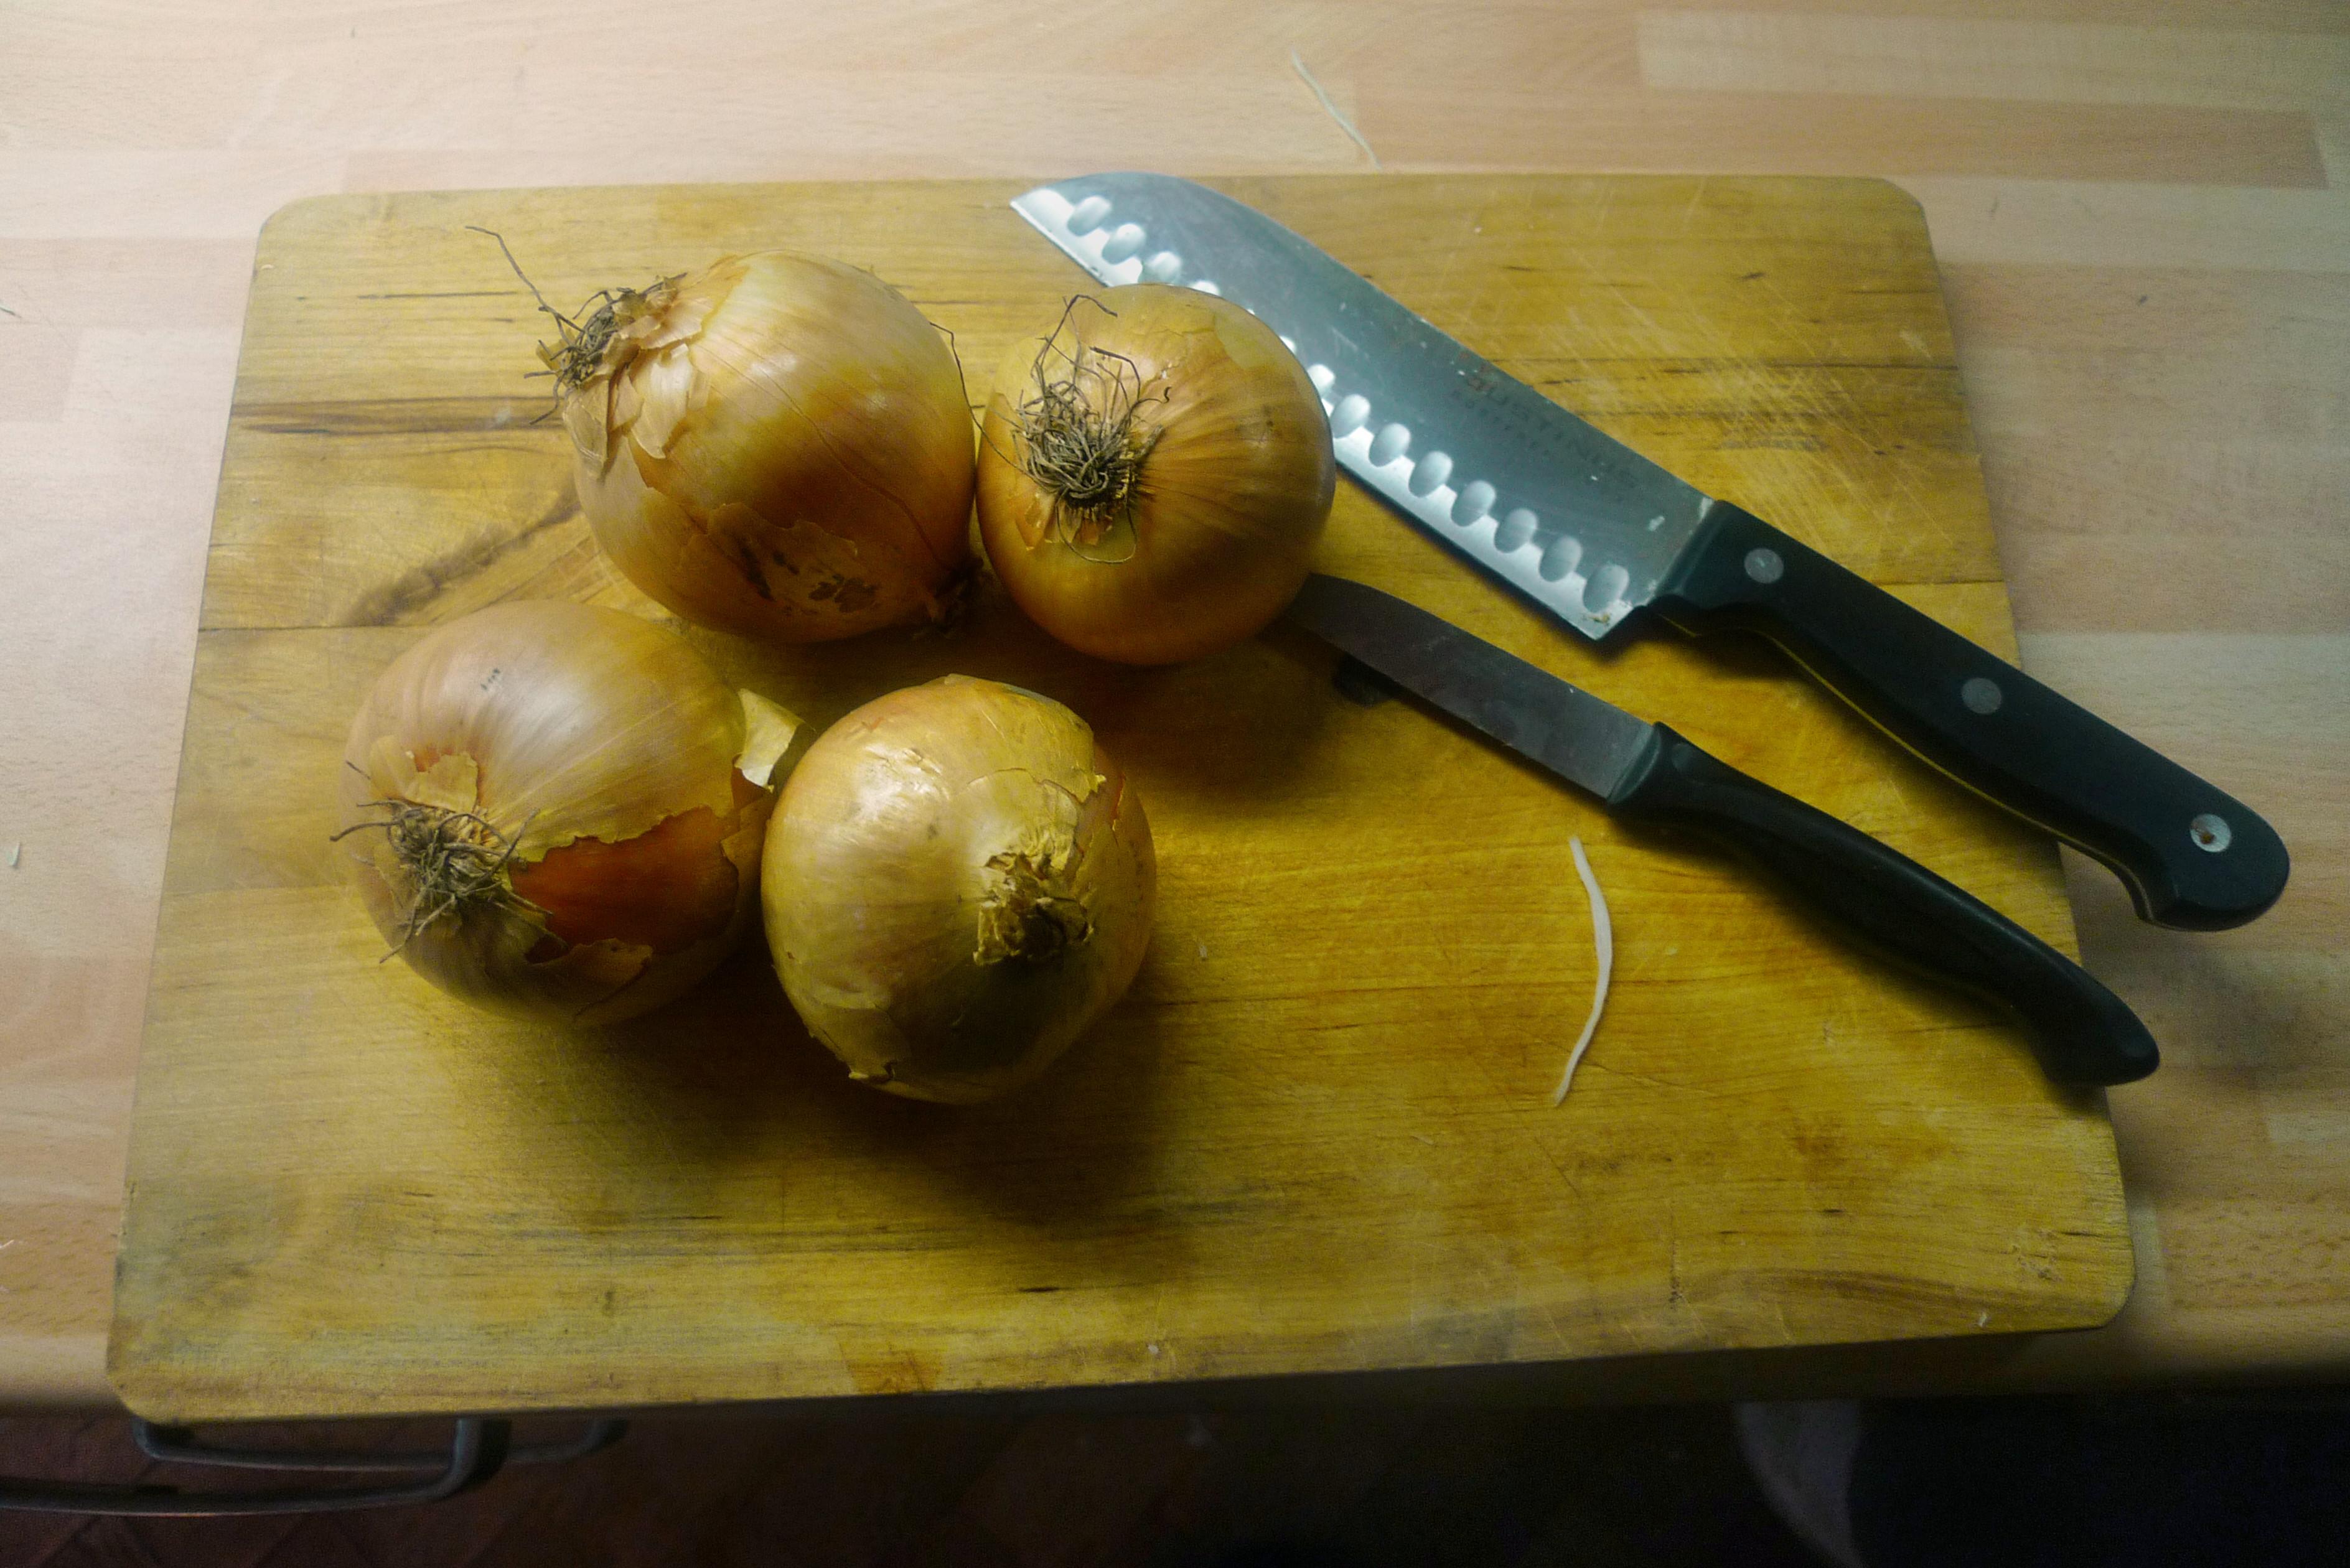 Zwiebelsoße,Kartoffelbrei,Krautsalat,Birnenkompott - 11.10.14   (3)